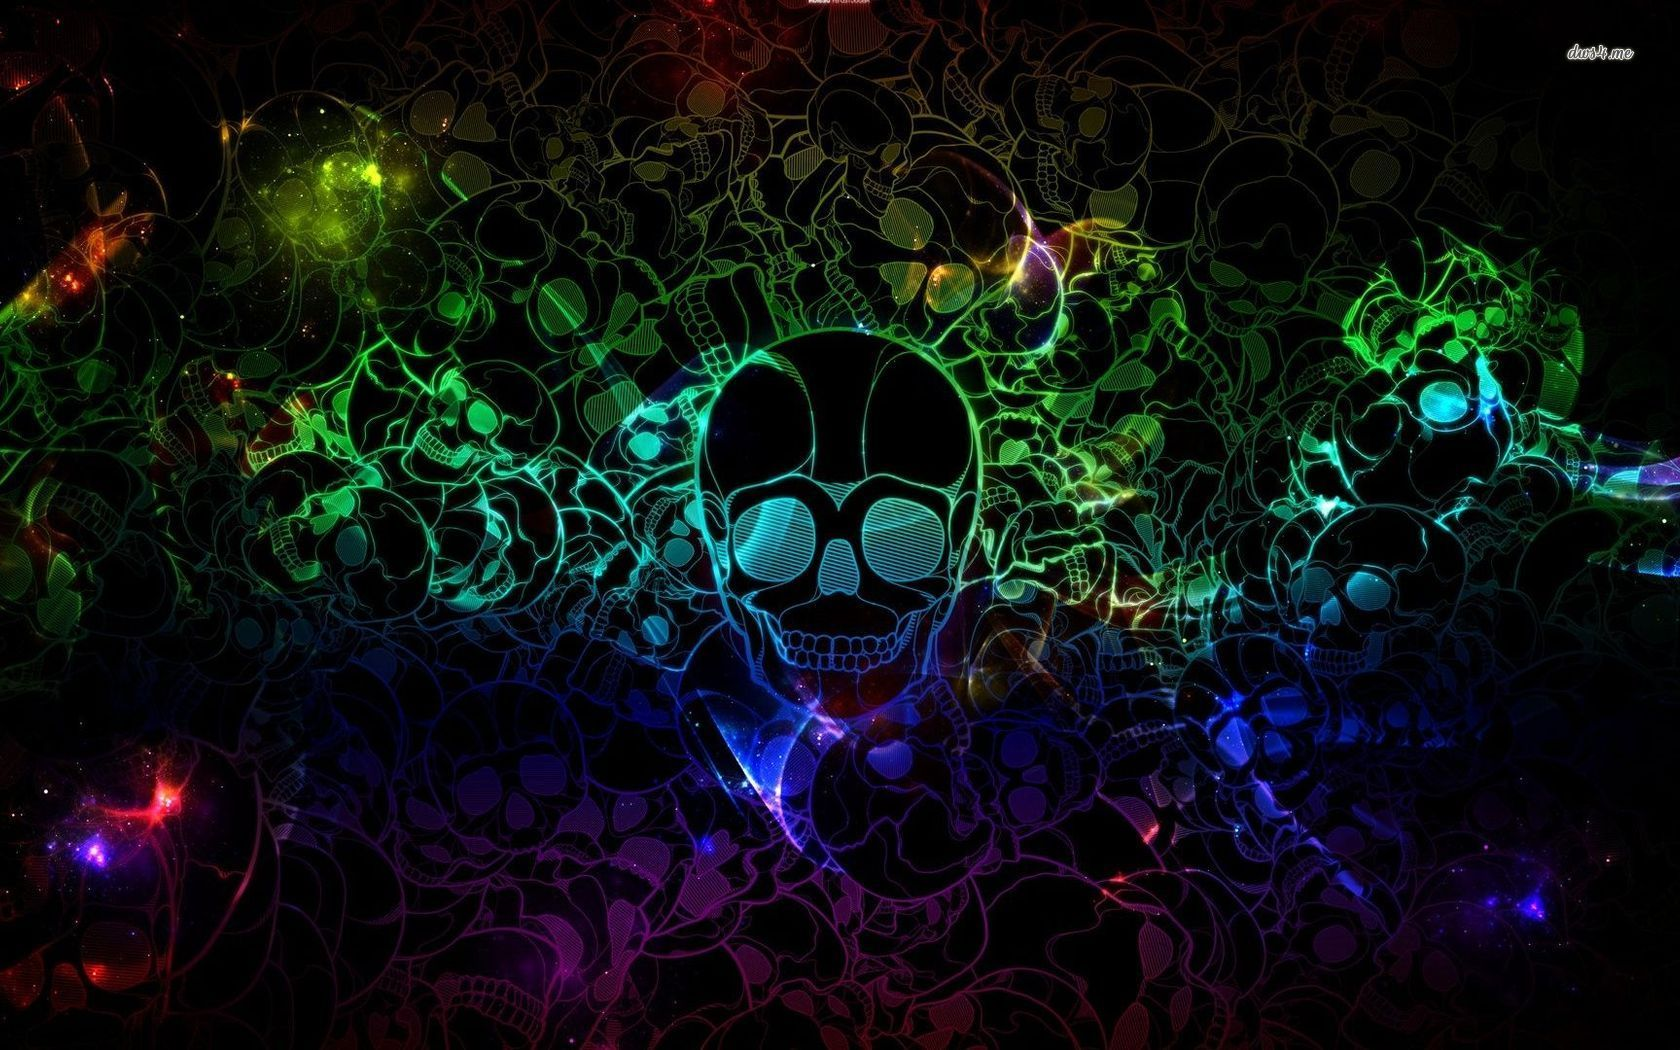 Neon backgrounds neon skulls wallpaper 1280x800 neon - Neon hd wallpaper for mobile ...